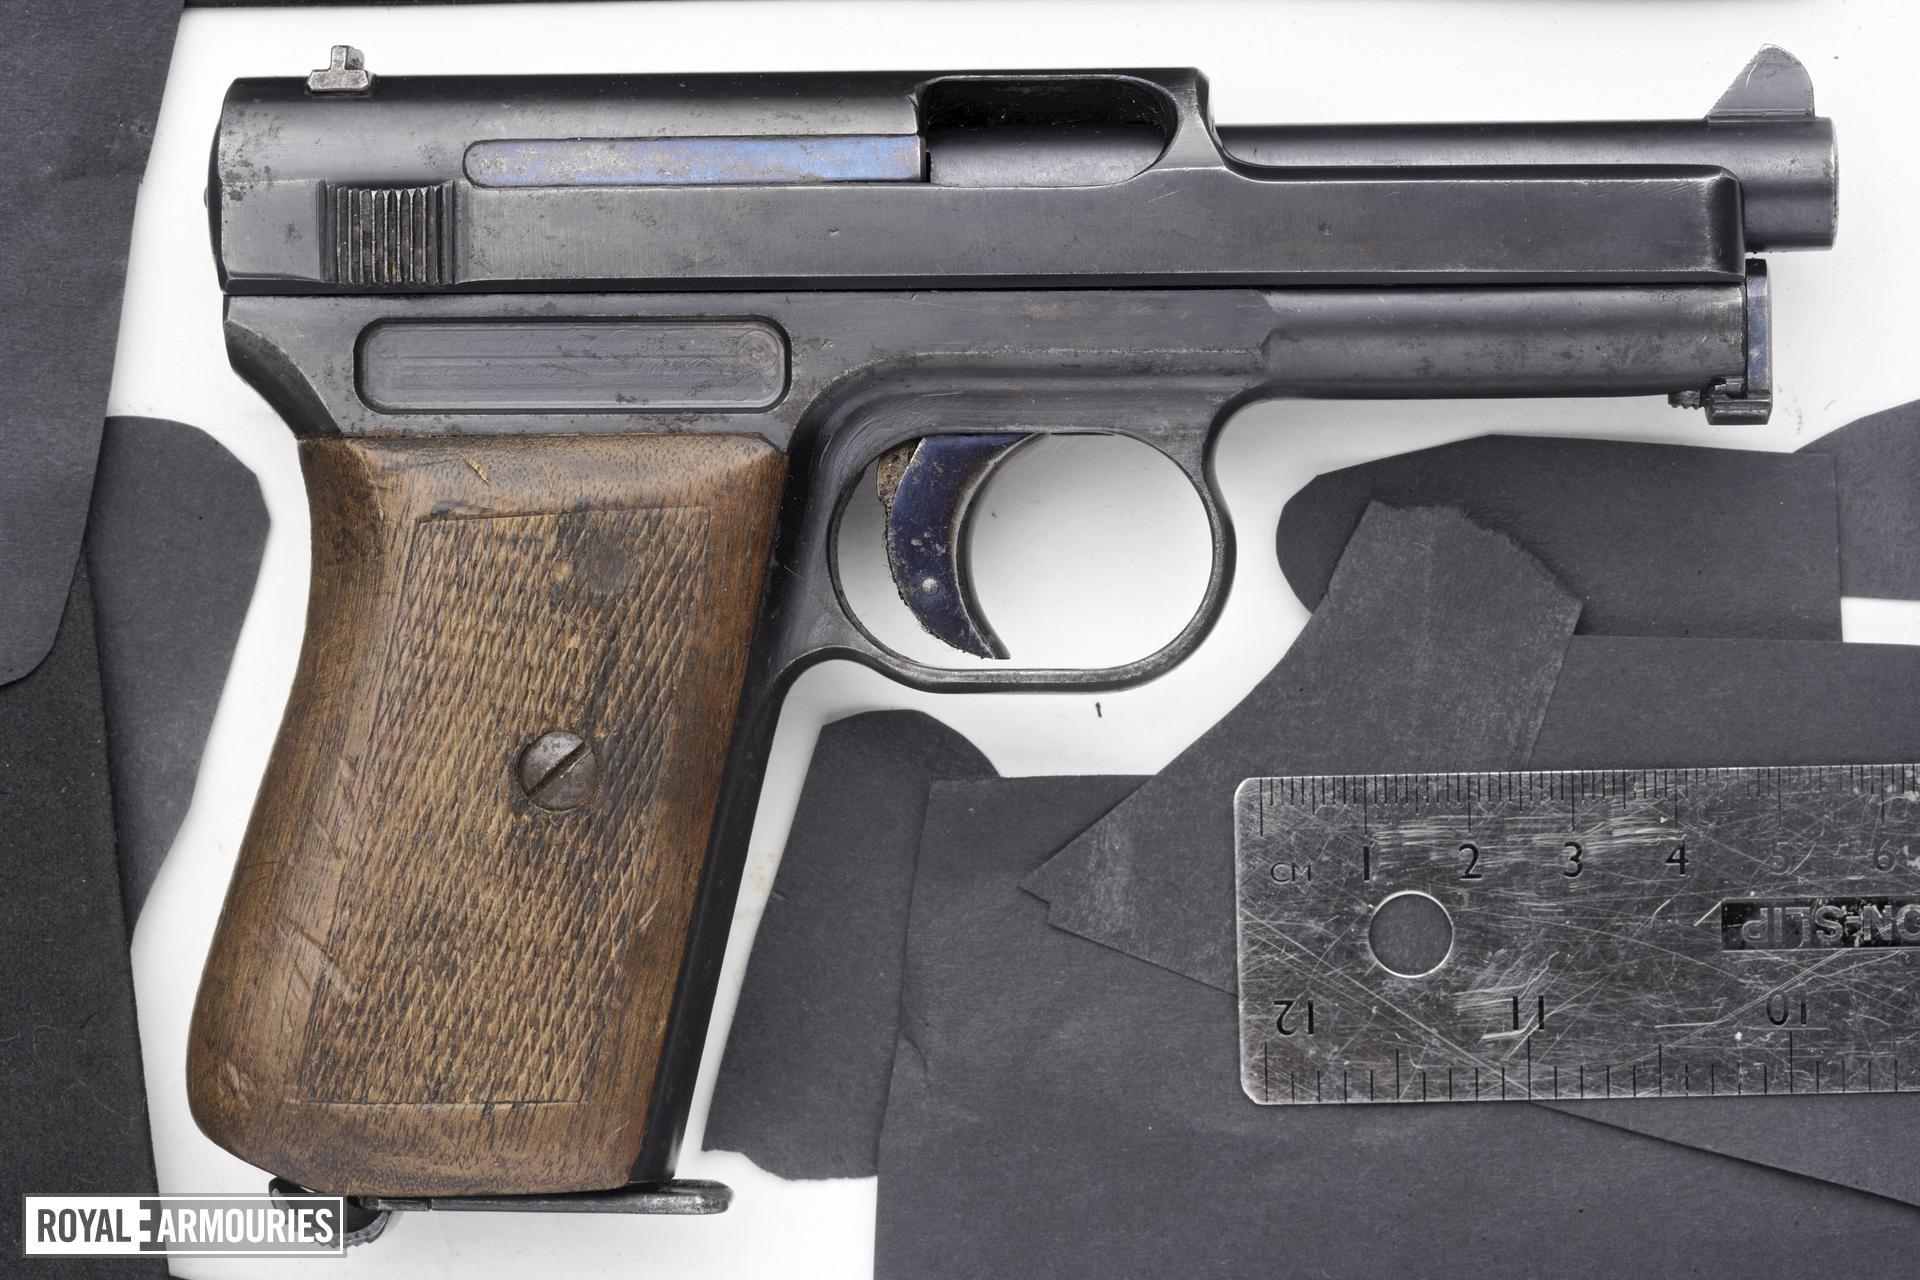 Centrefire self-loading pistol - Mauser 1914